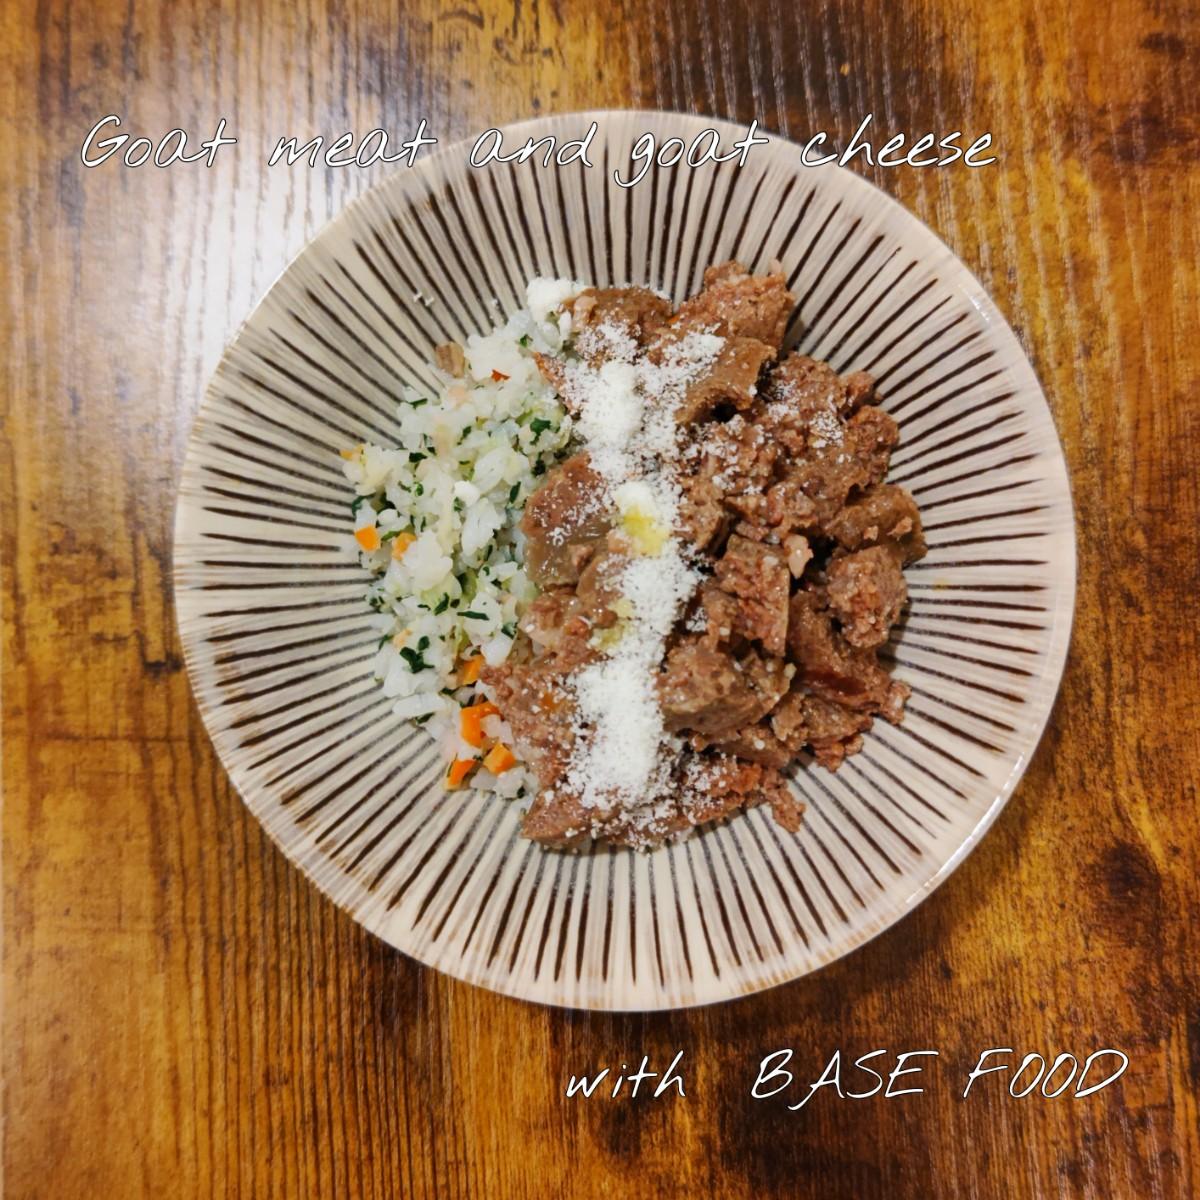 記事 Herrmannヤギ肉とヤギチーズ with BASE FOODのアイキャッチ画像